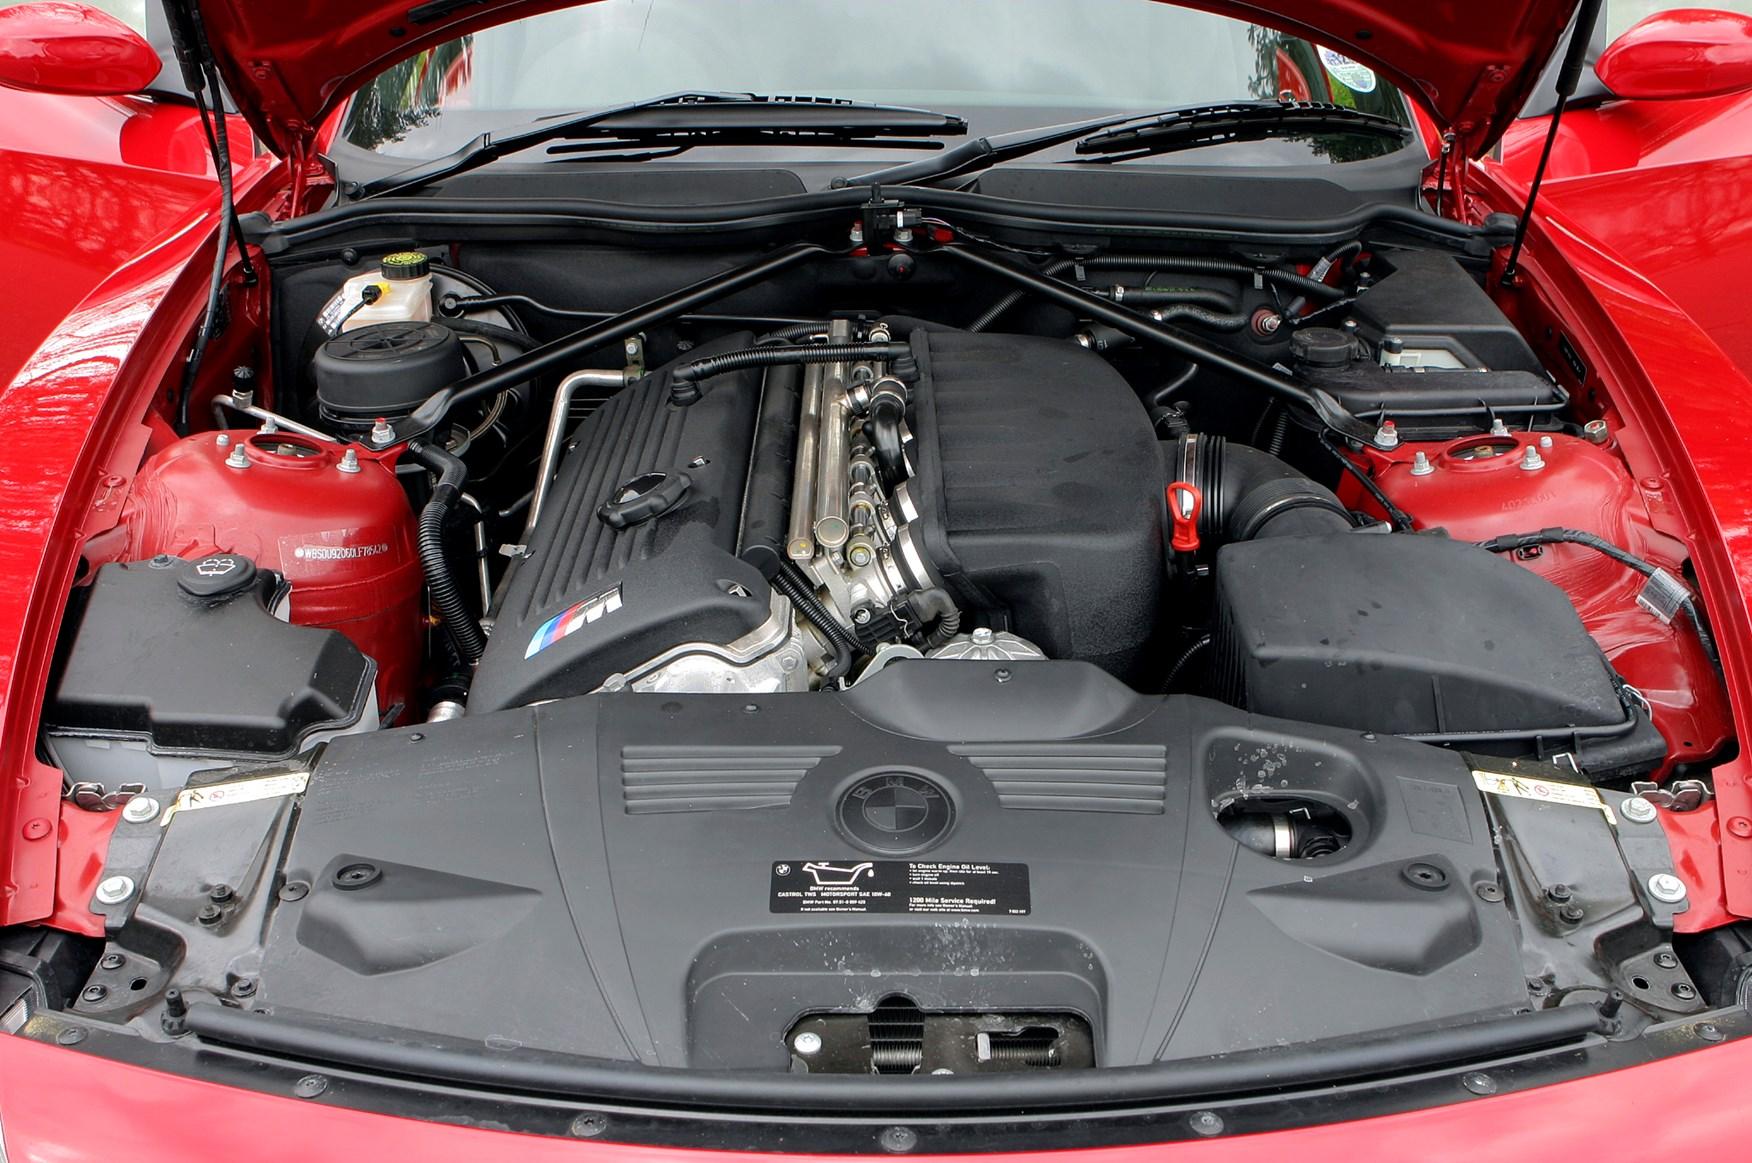 Bmw Z4 28i M Sport Bmw Z4 E89 Lci Sdrive20i And 28i M Sport Arrives Bmw Z4 28i M Kit For Sale